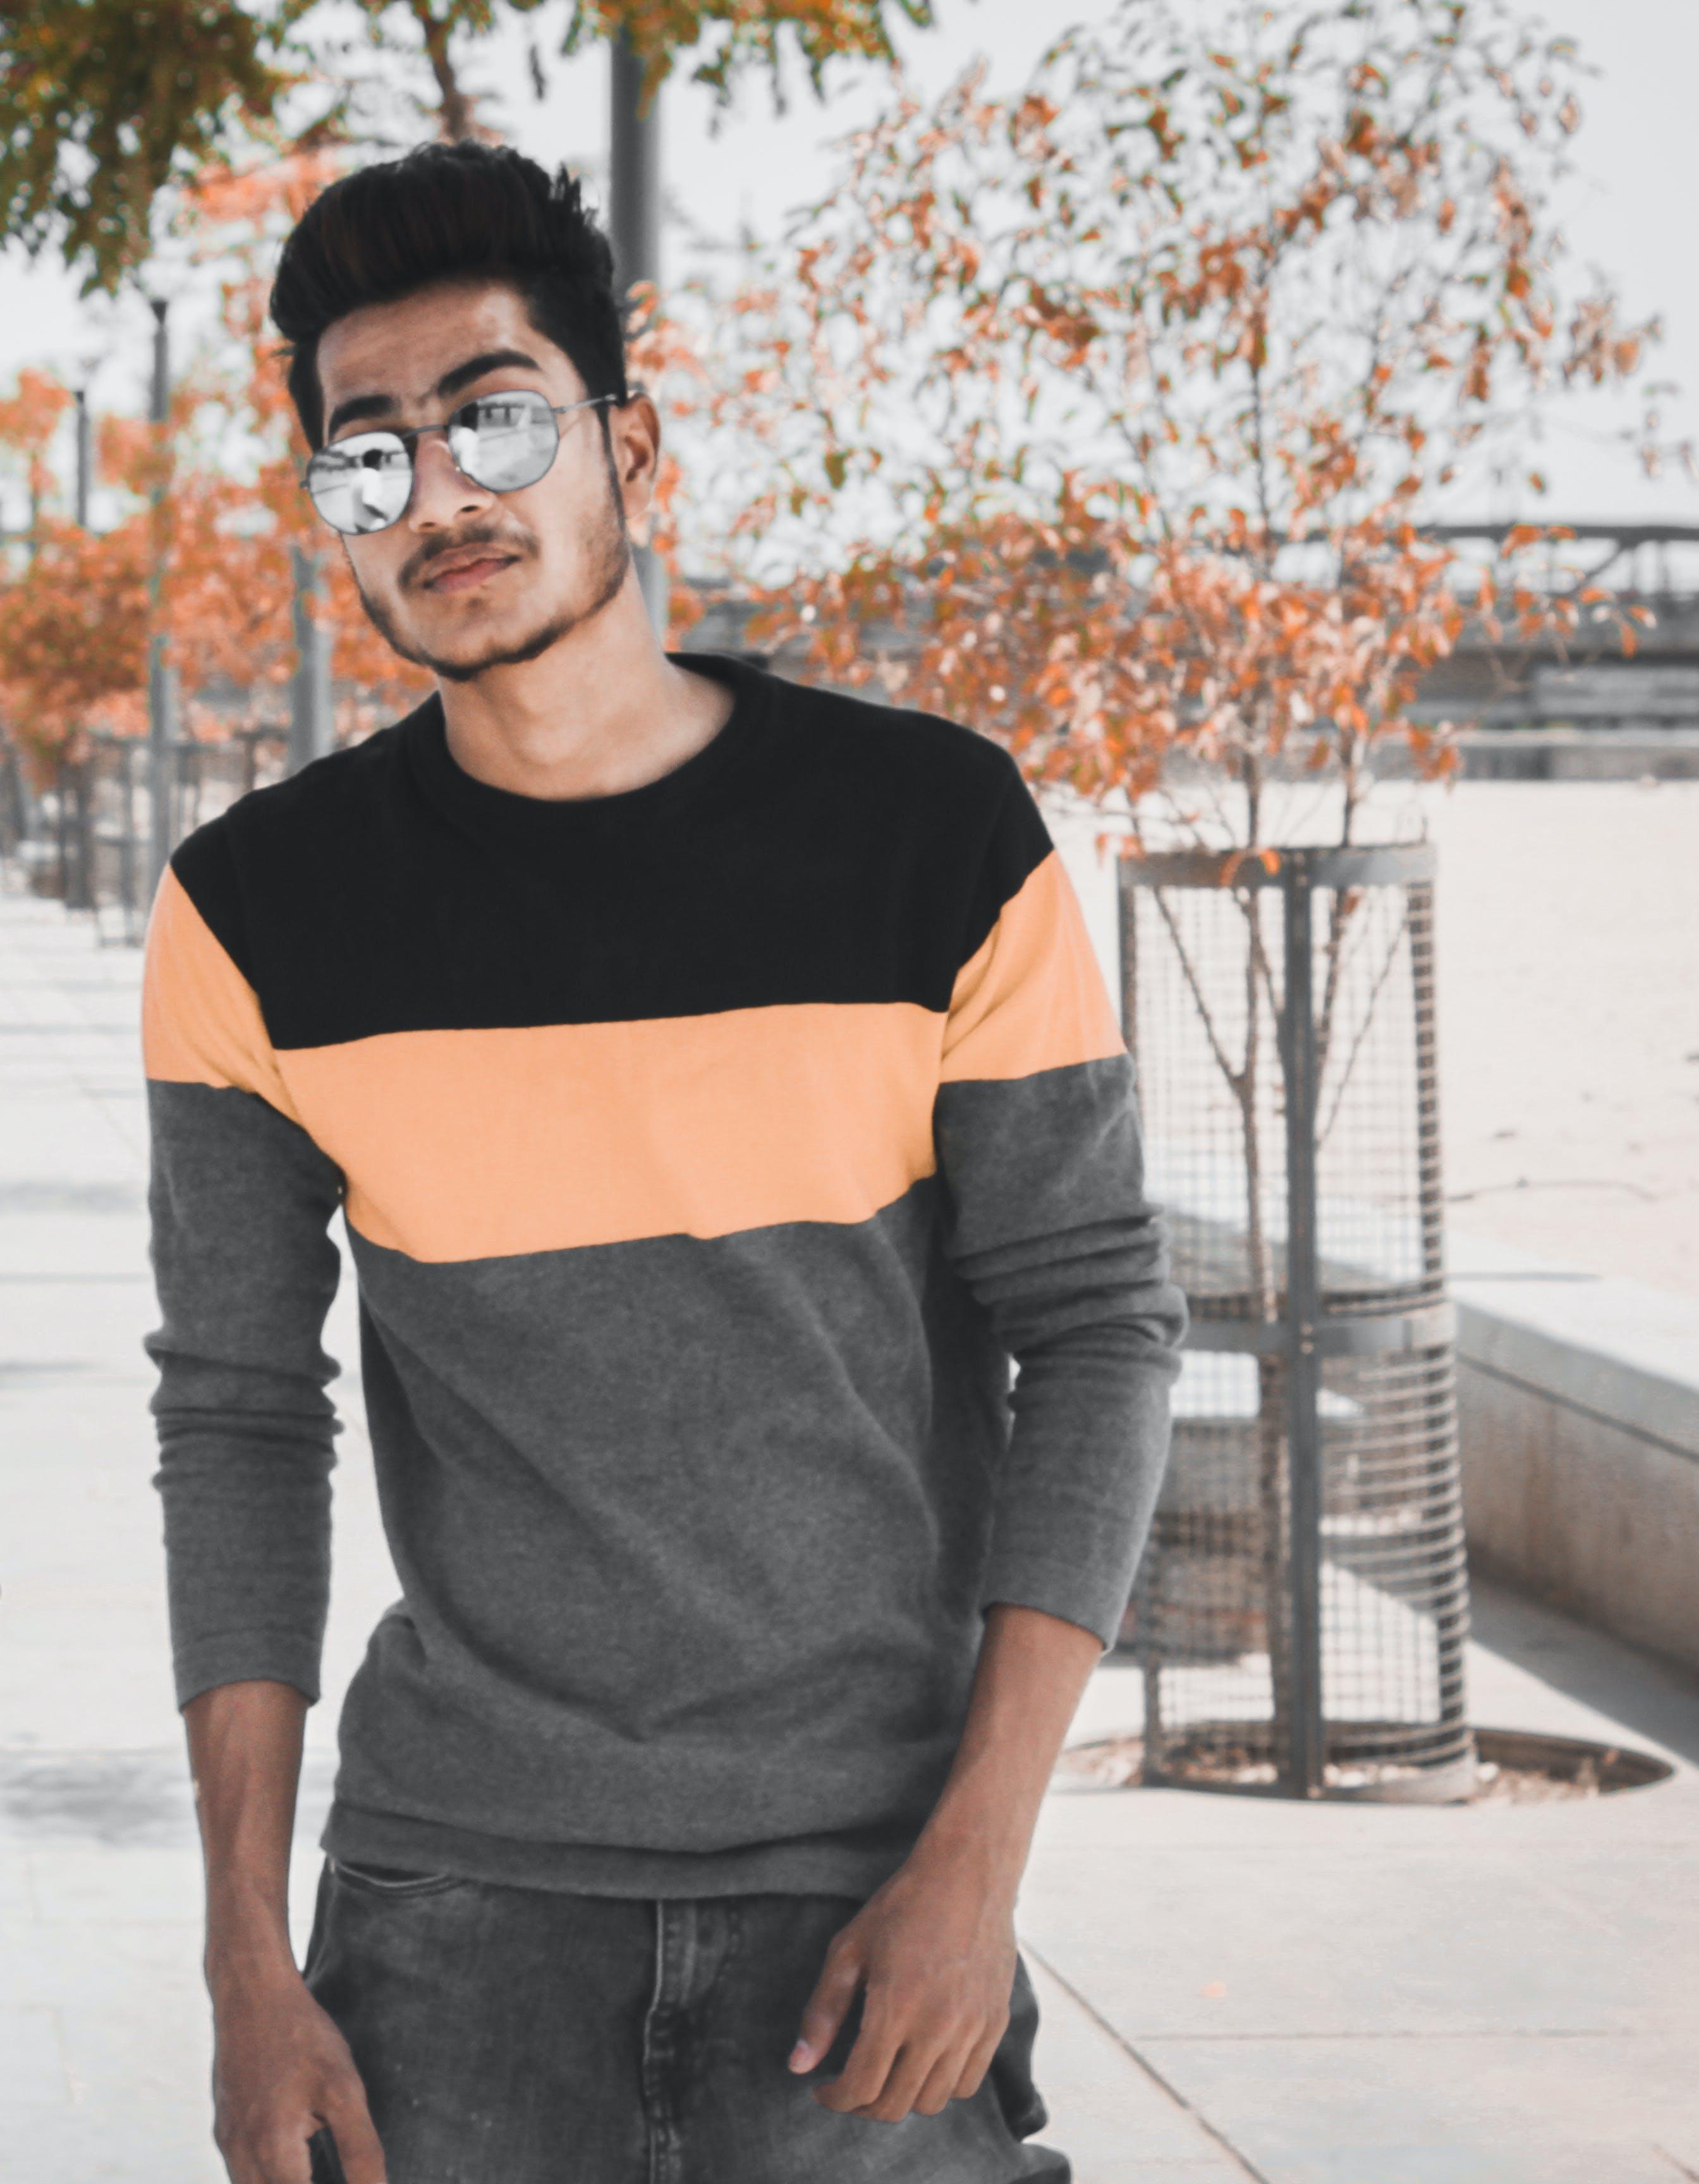 Man Wearing Long-sleeved Shirt